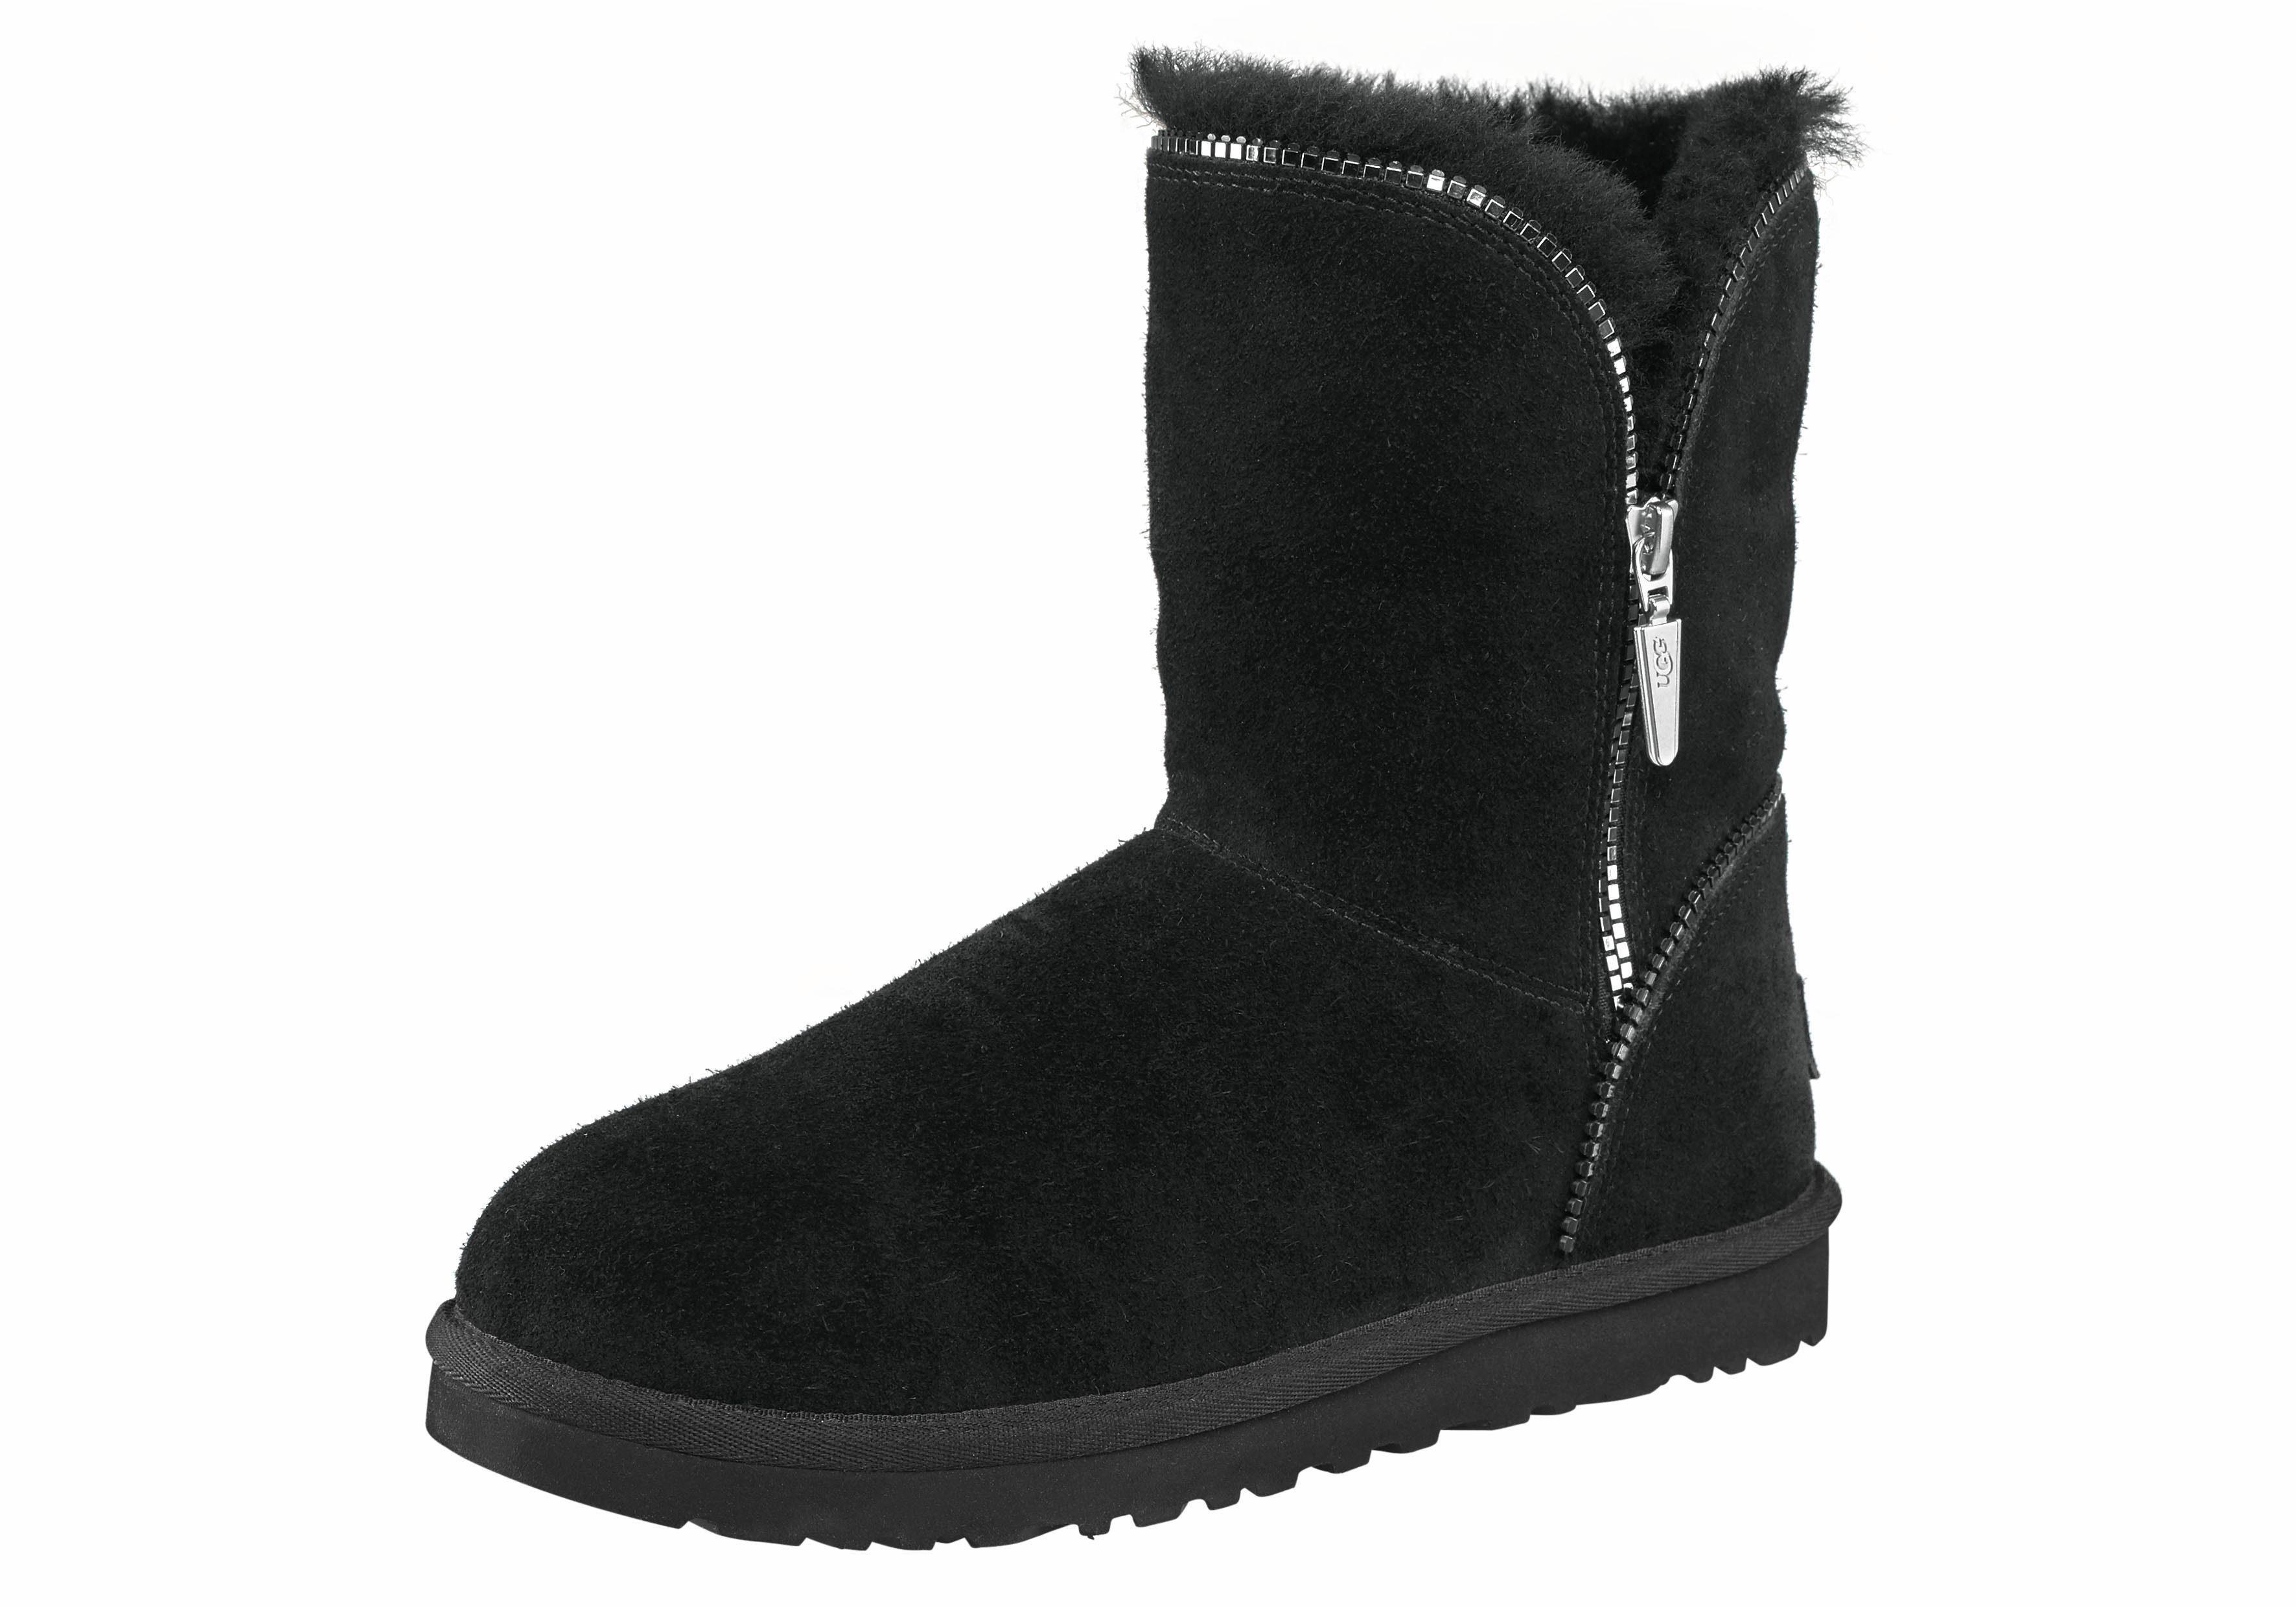 UGG »Florence« Winterboots, mit coolem Zipper-Detail, schwarz, US-Größen, schwarz